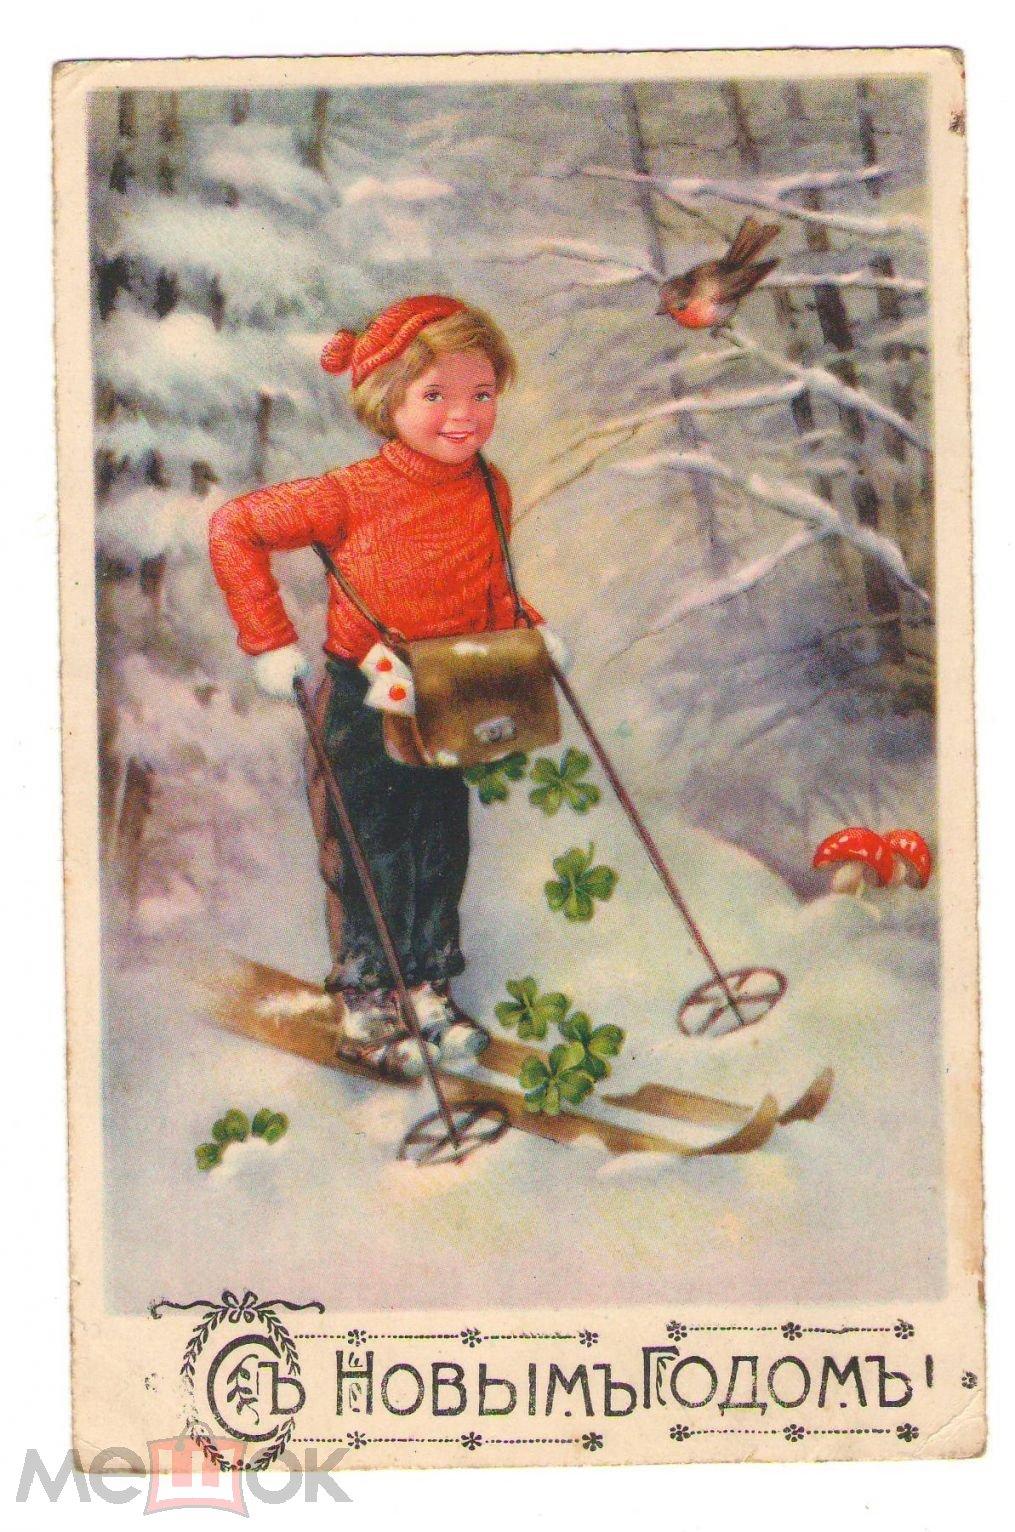 Днем рождения, цена почтовой дореволюционной открытки